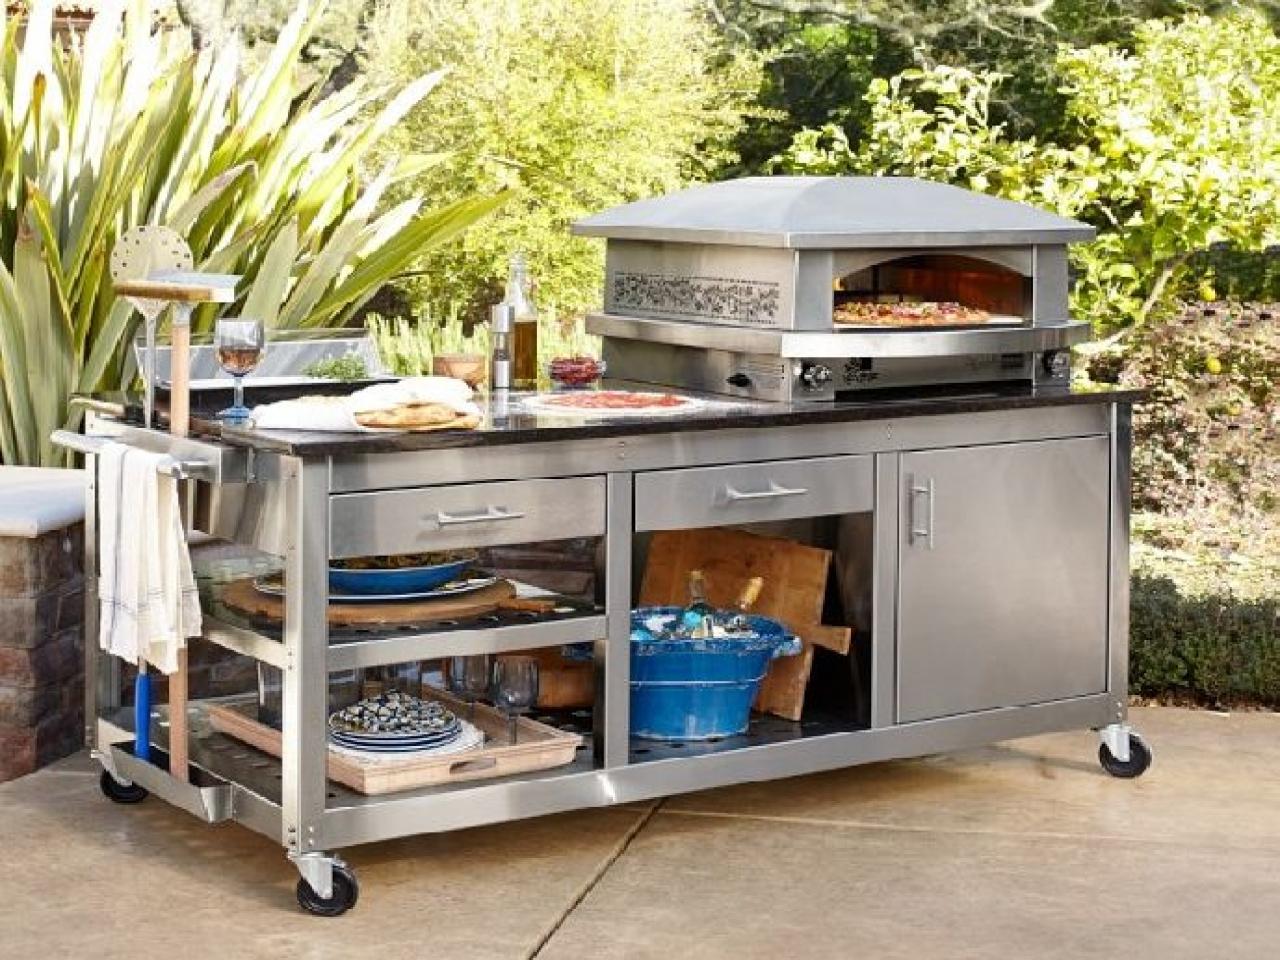 outdoor kitchen equipment photo - 8